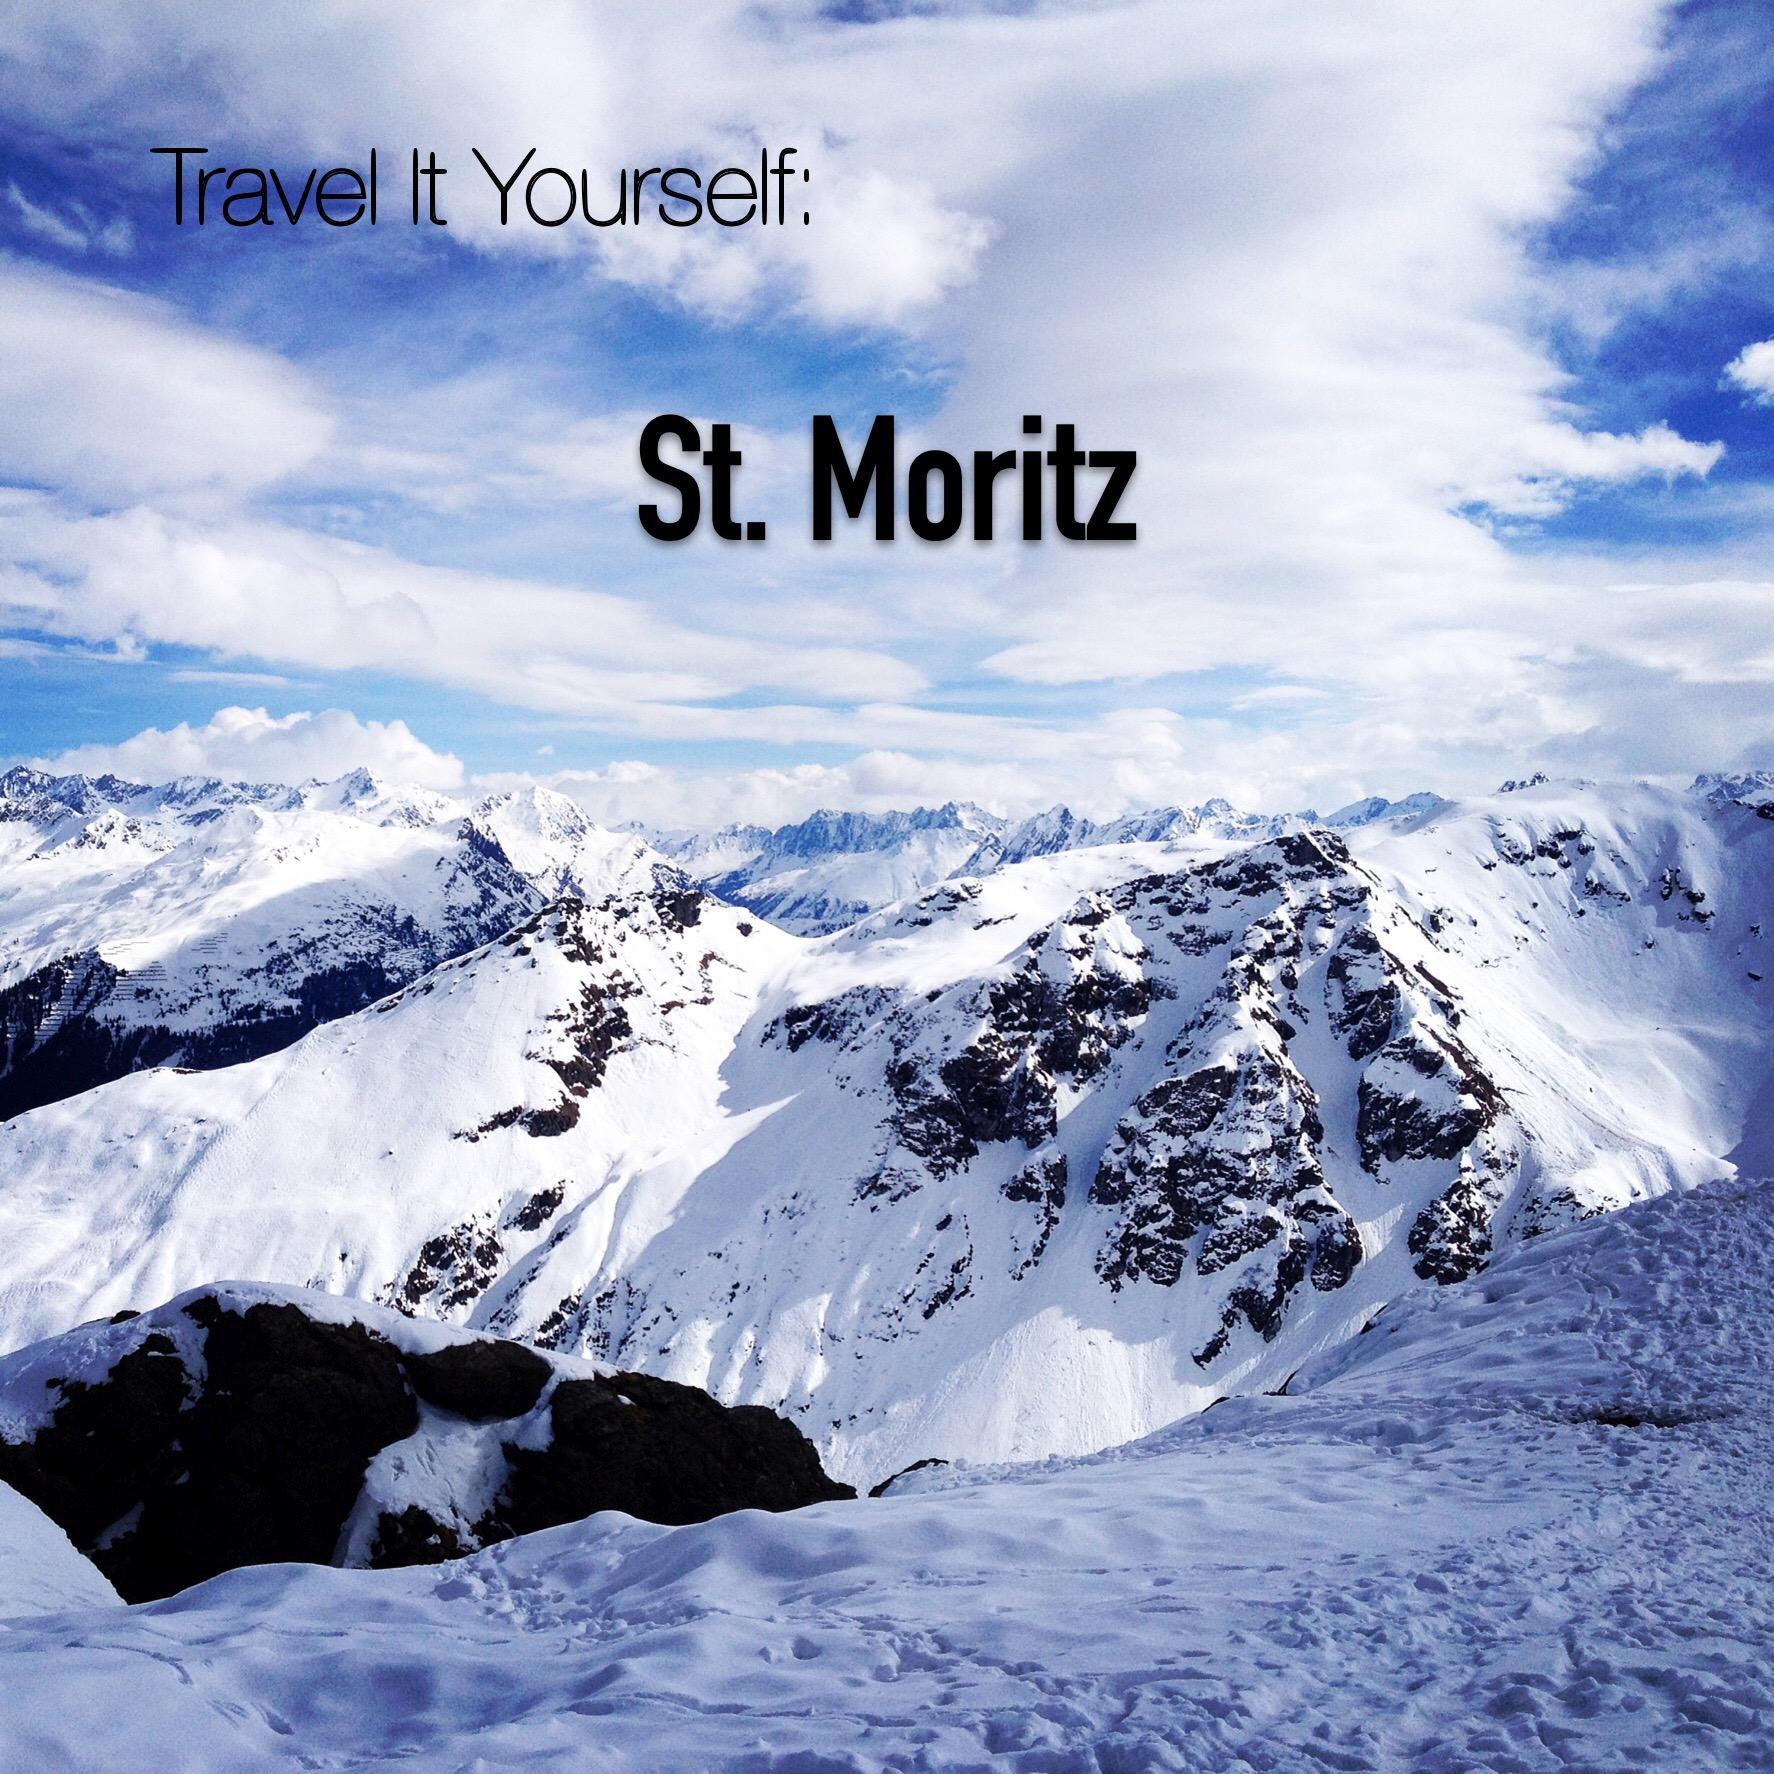 Günstig St. Moritz Sparfüchse Unterkunft Tipps und Tricks Erfahrungen Skireisen